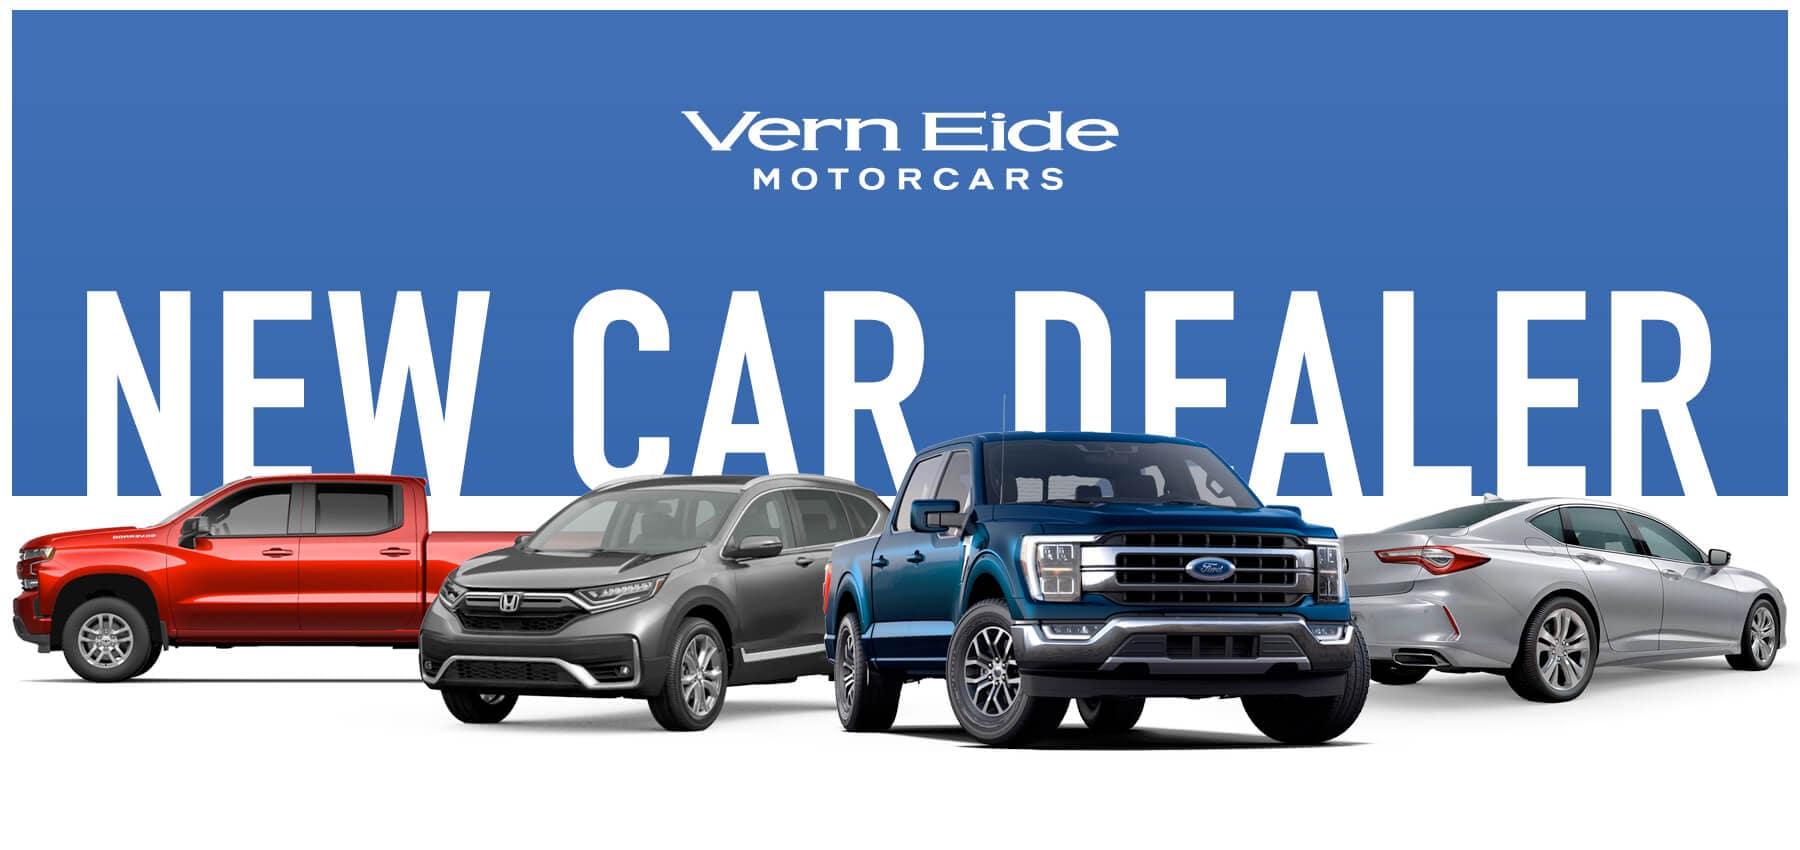 Vern Eide Motorcars New Car Dealer Button